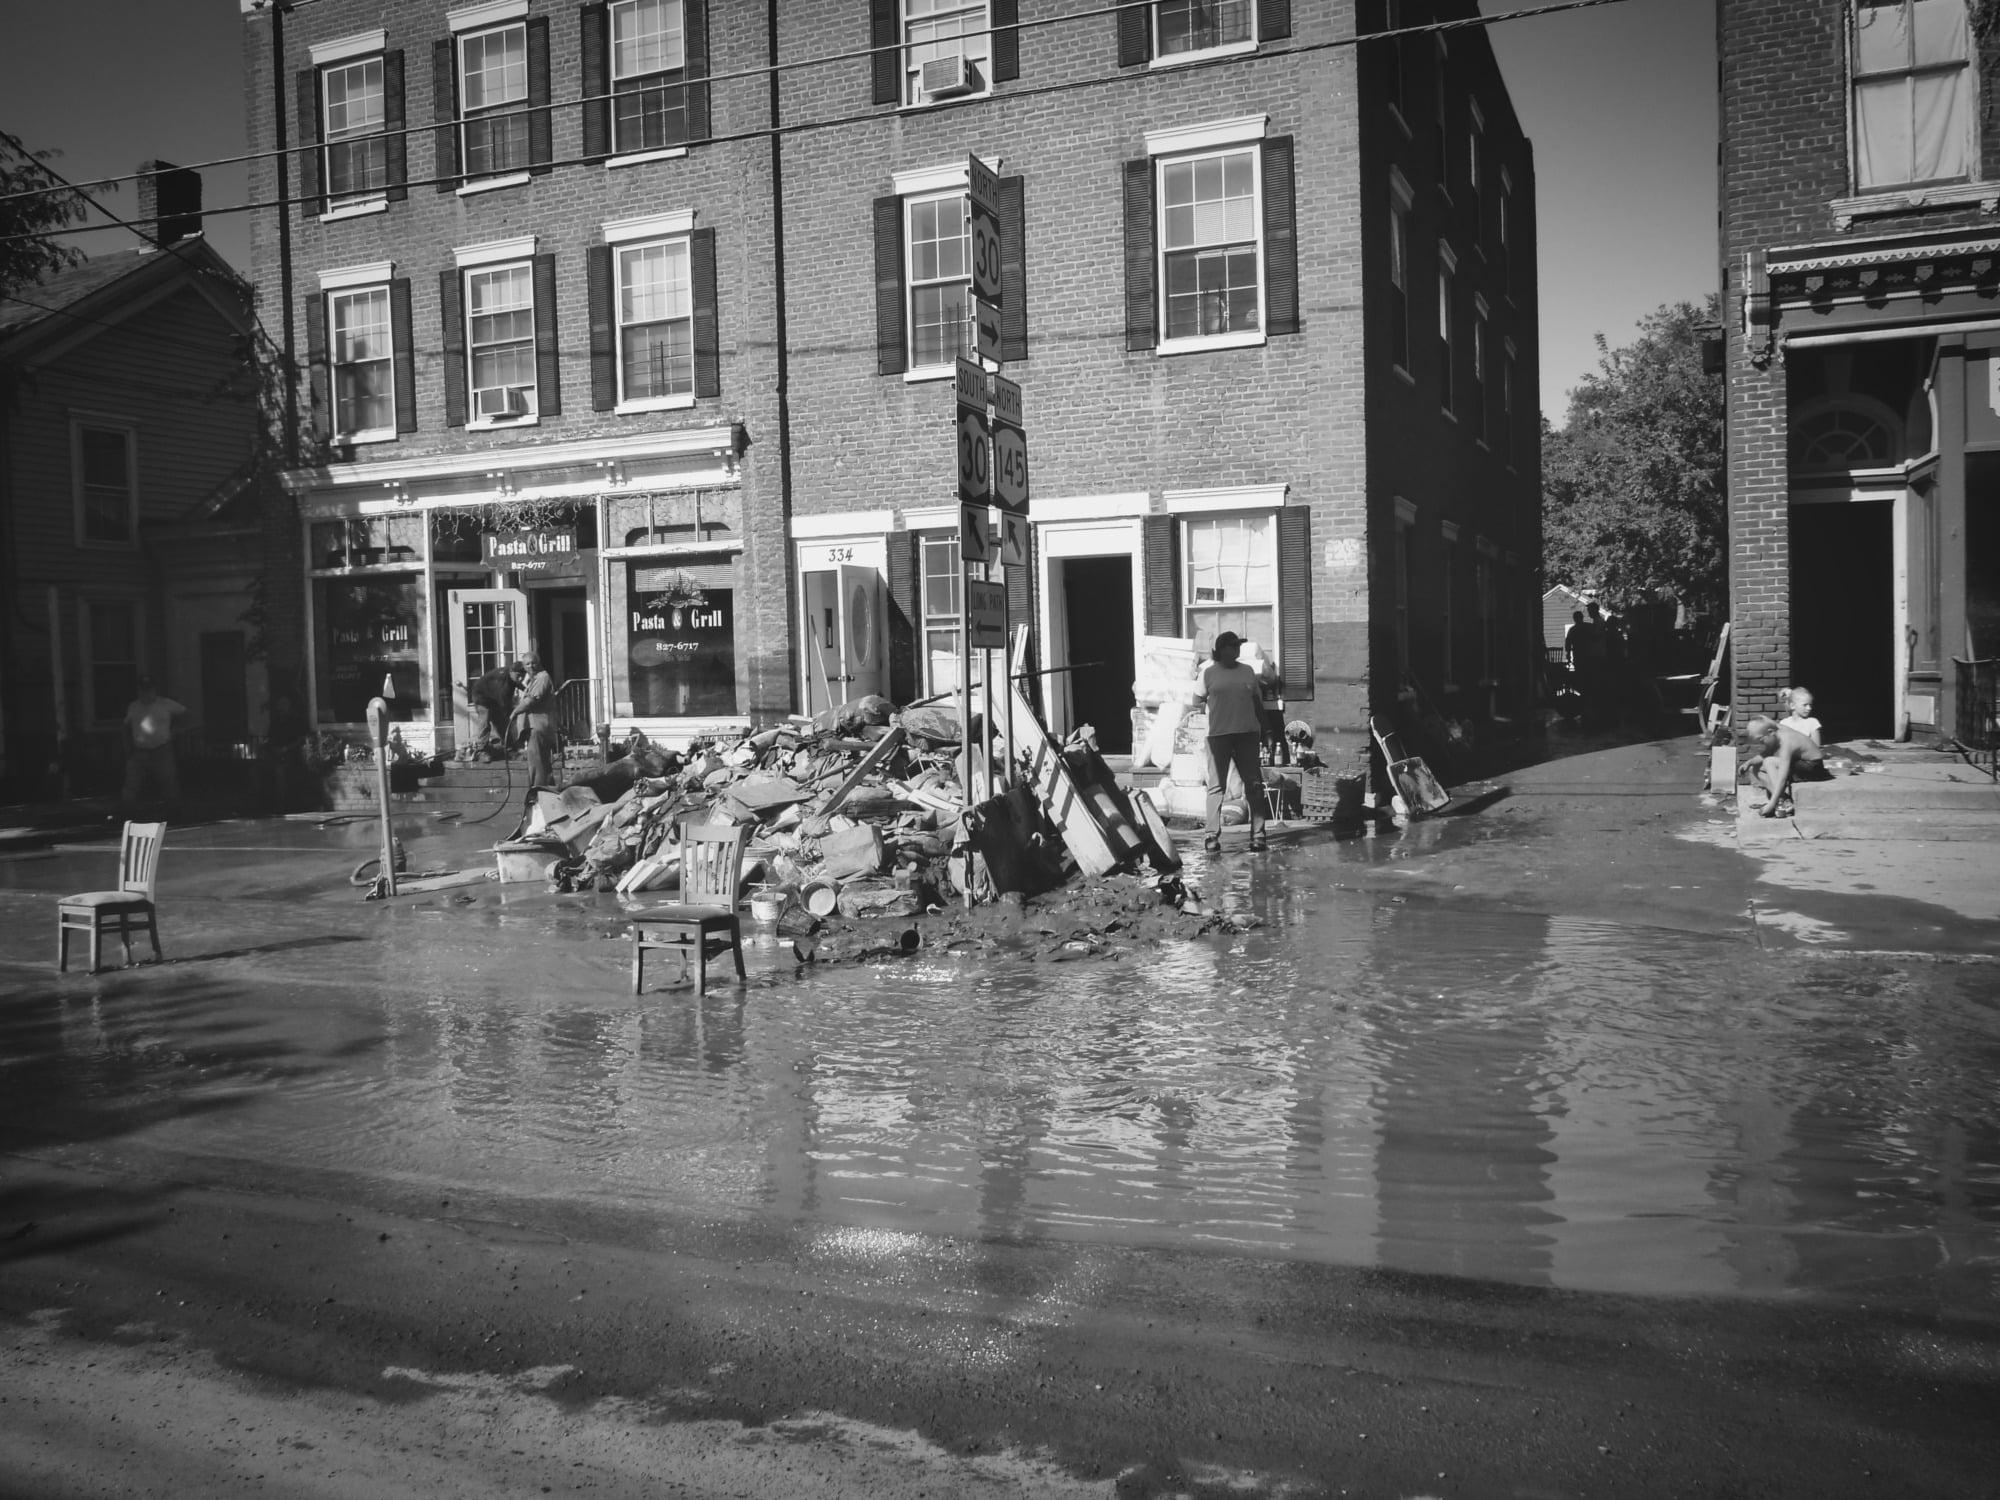 Flood On Main Street